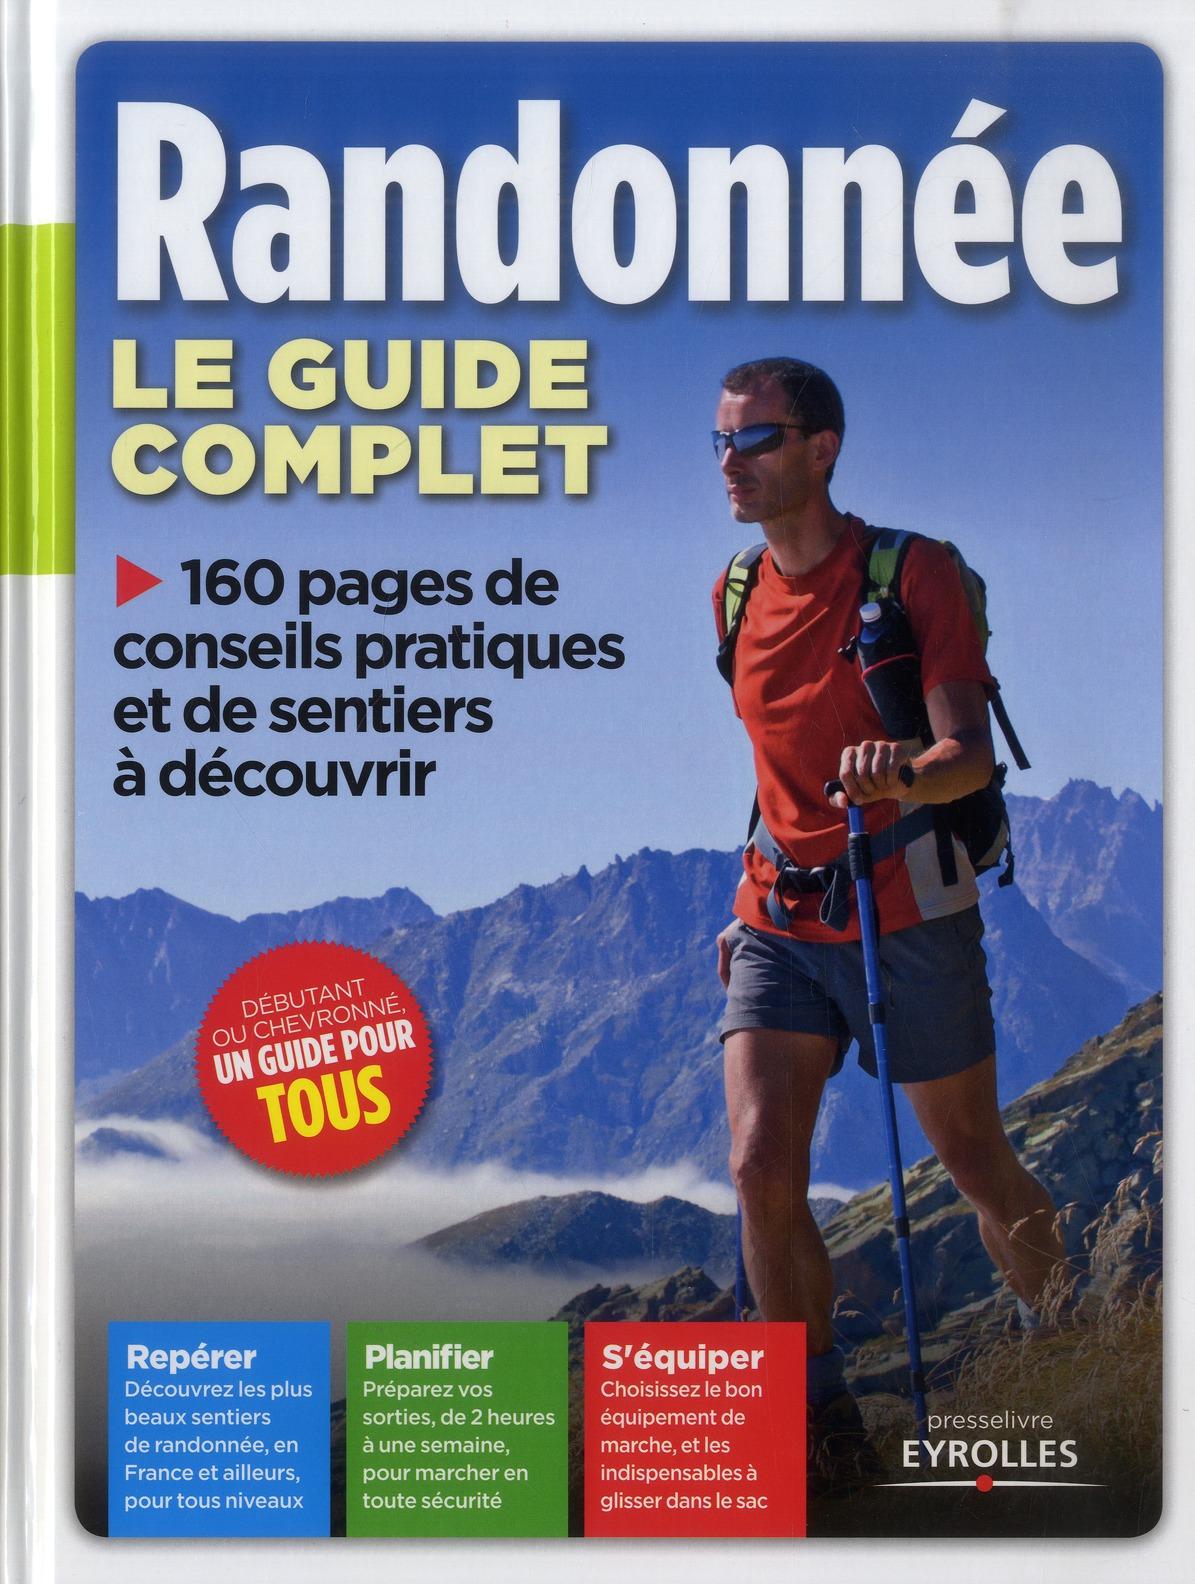 RANDONNEE, LE GUIDE COMPLET 160 PAGES DE CONSEILS PRATIQUES ET DE SENTIERS A DECOUVRIR...